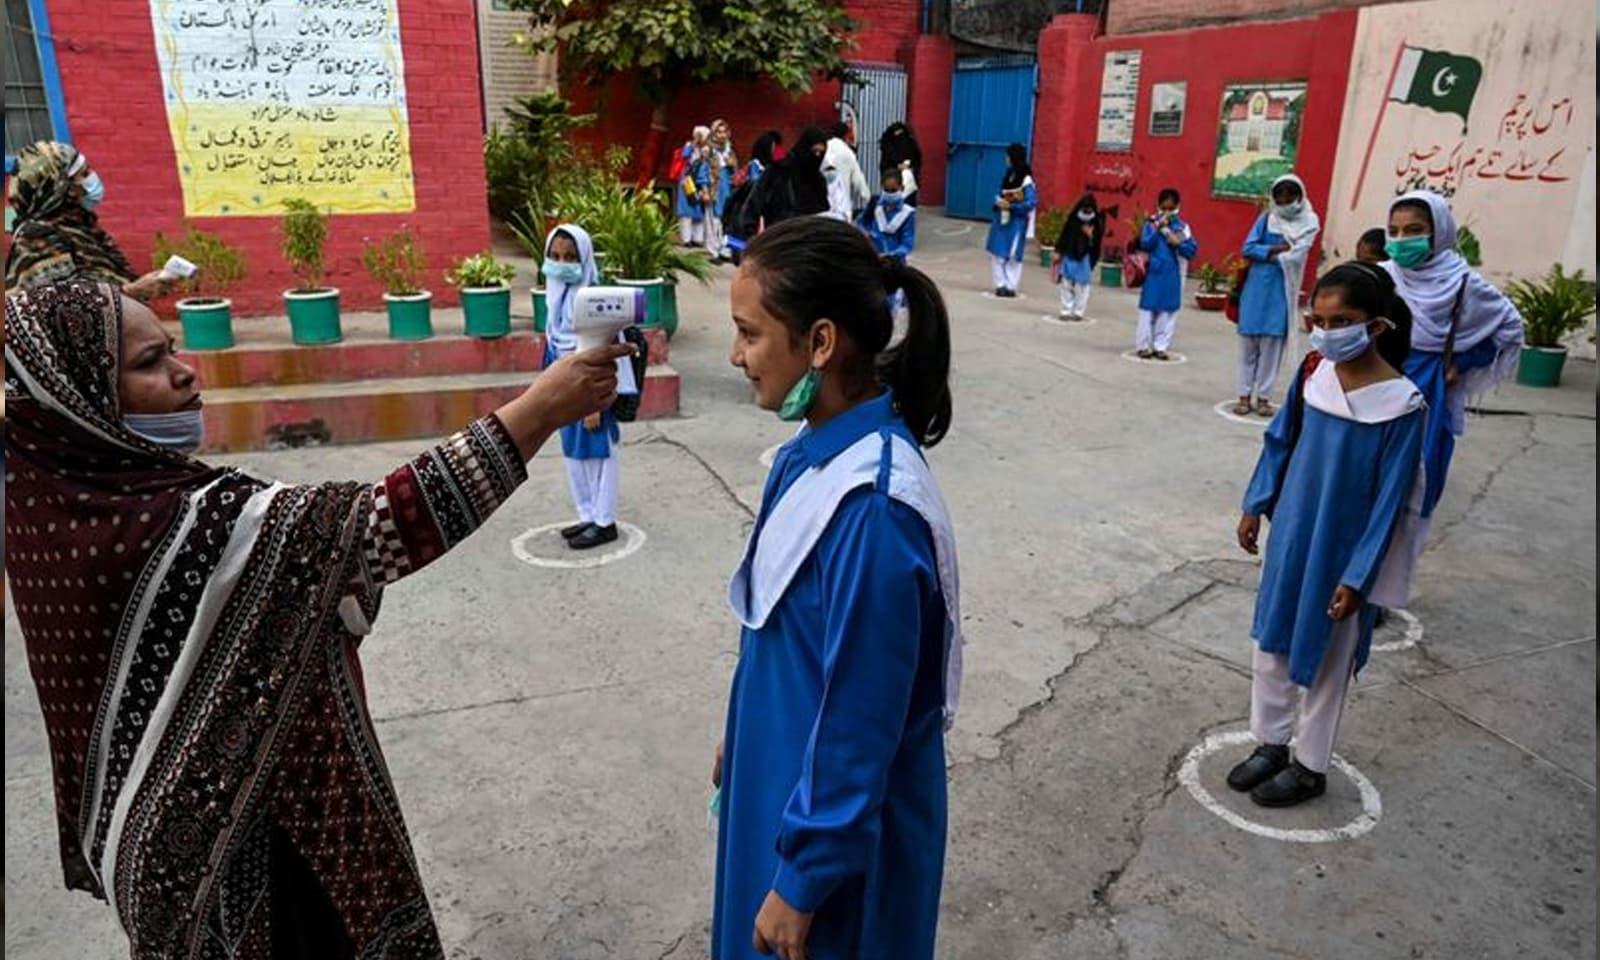 والدین کو تجویز دی گئی ہے کہ اگر بچے کو بخار یا نزلہ زکام ہے تو اسے اسکول نہ بھیجا جائے—فوٹو: اے ایف پی